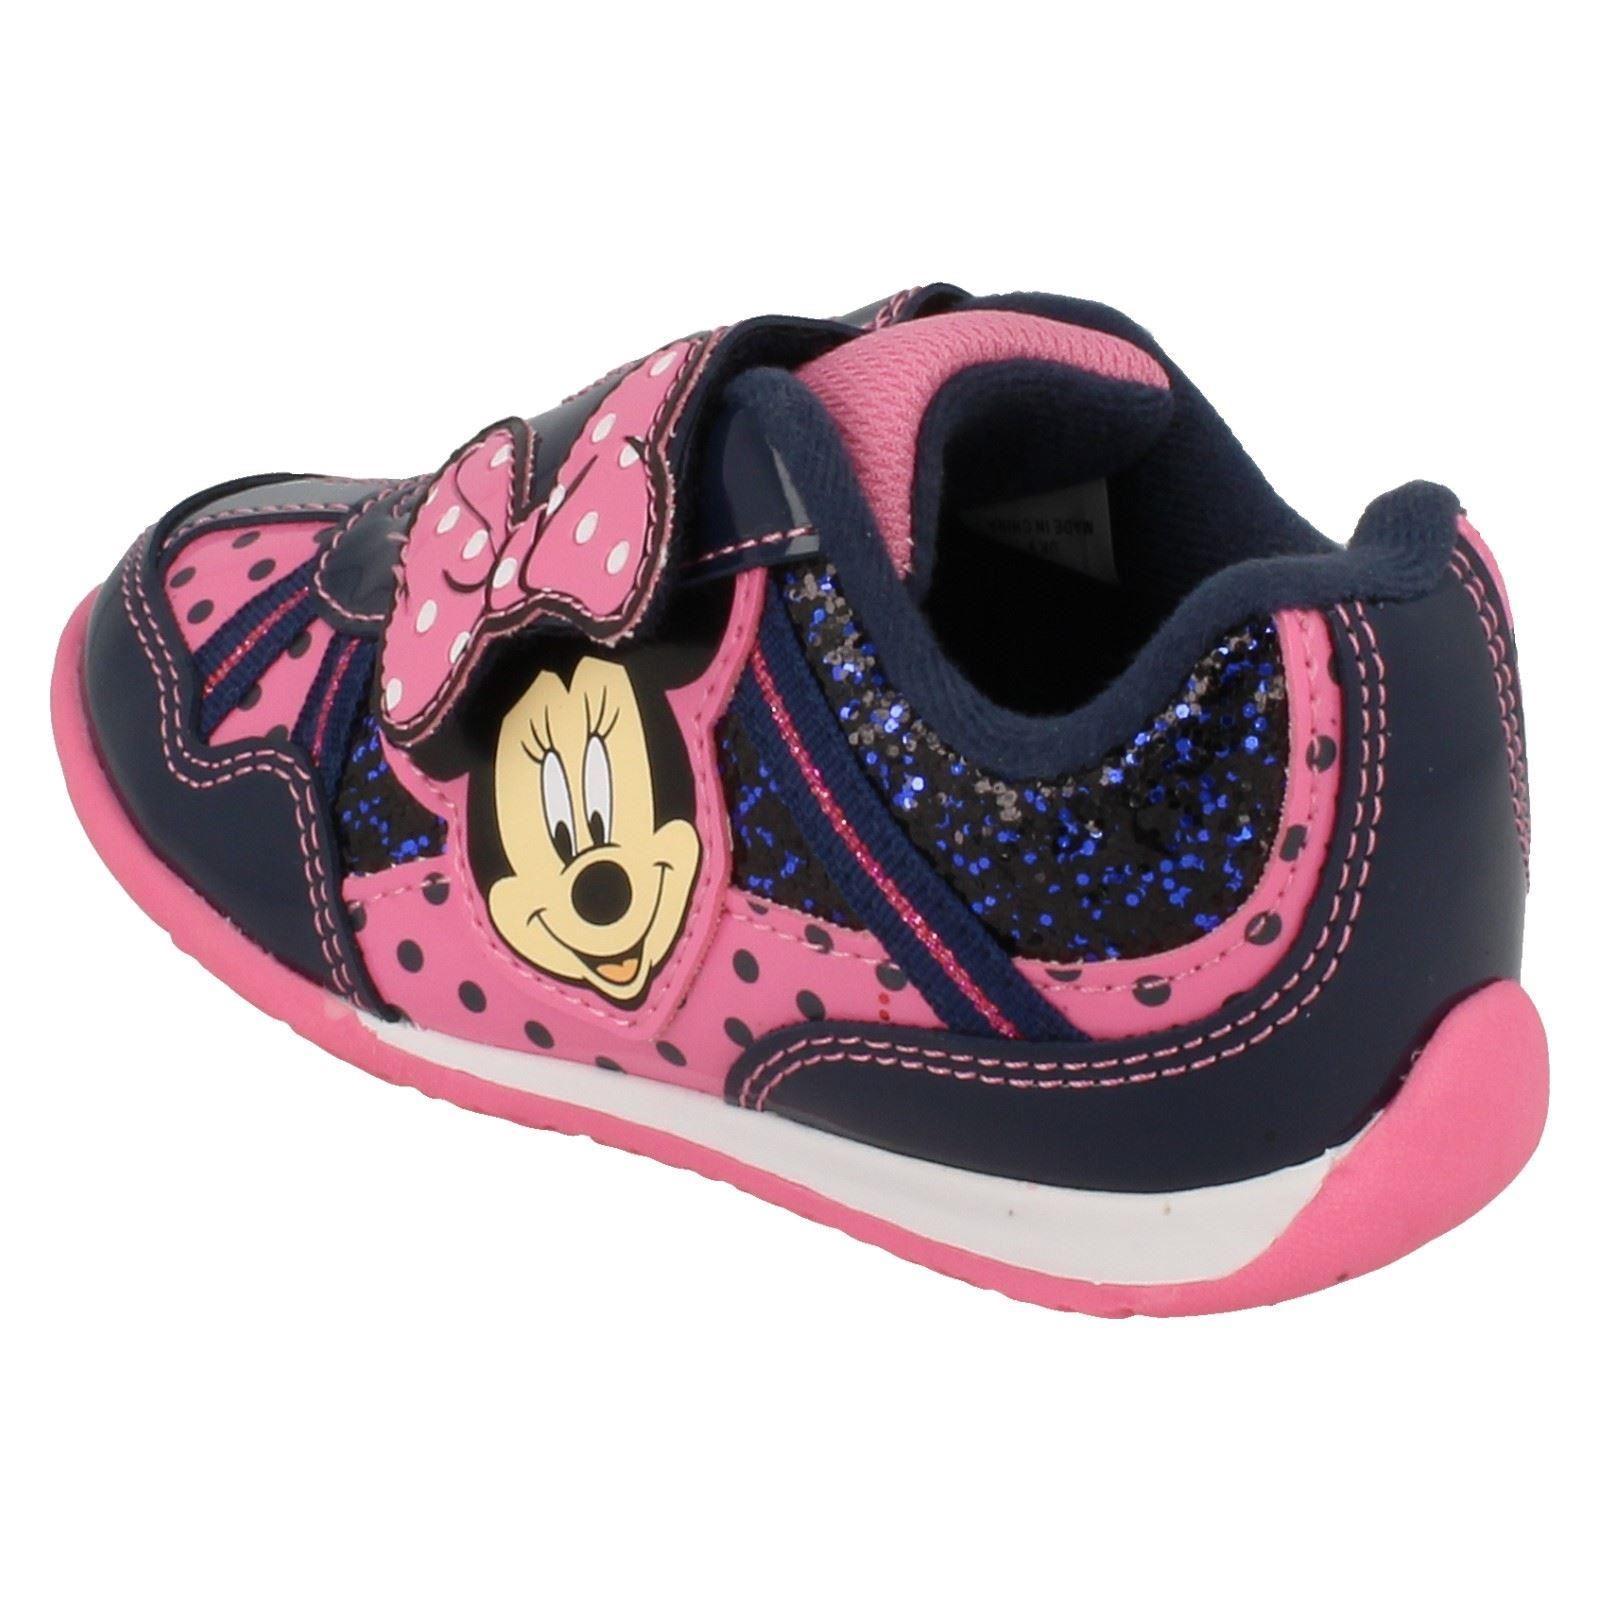 Niñas Minnie Mouse Kensington entrenadores